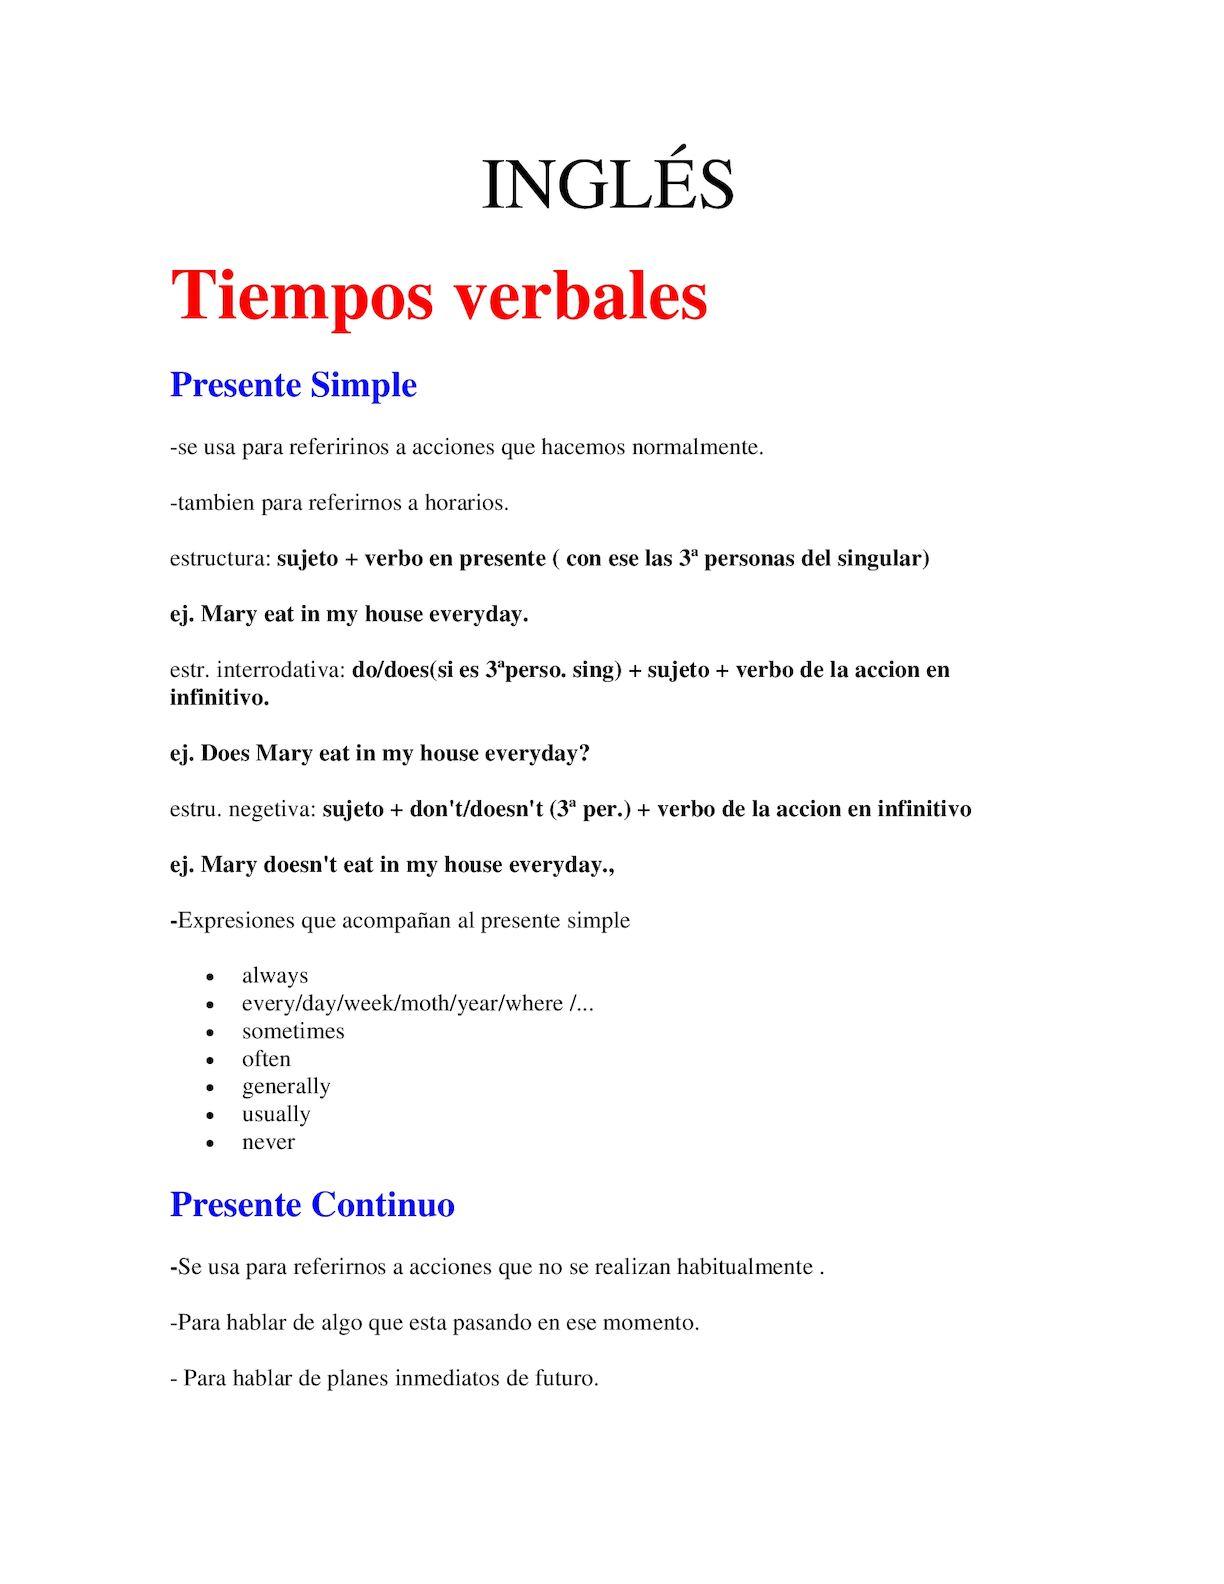 Calaméo - Los Tiempos Verbales Del Inglés